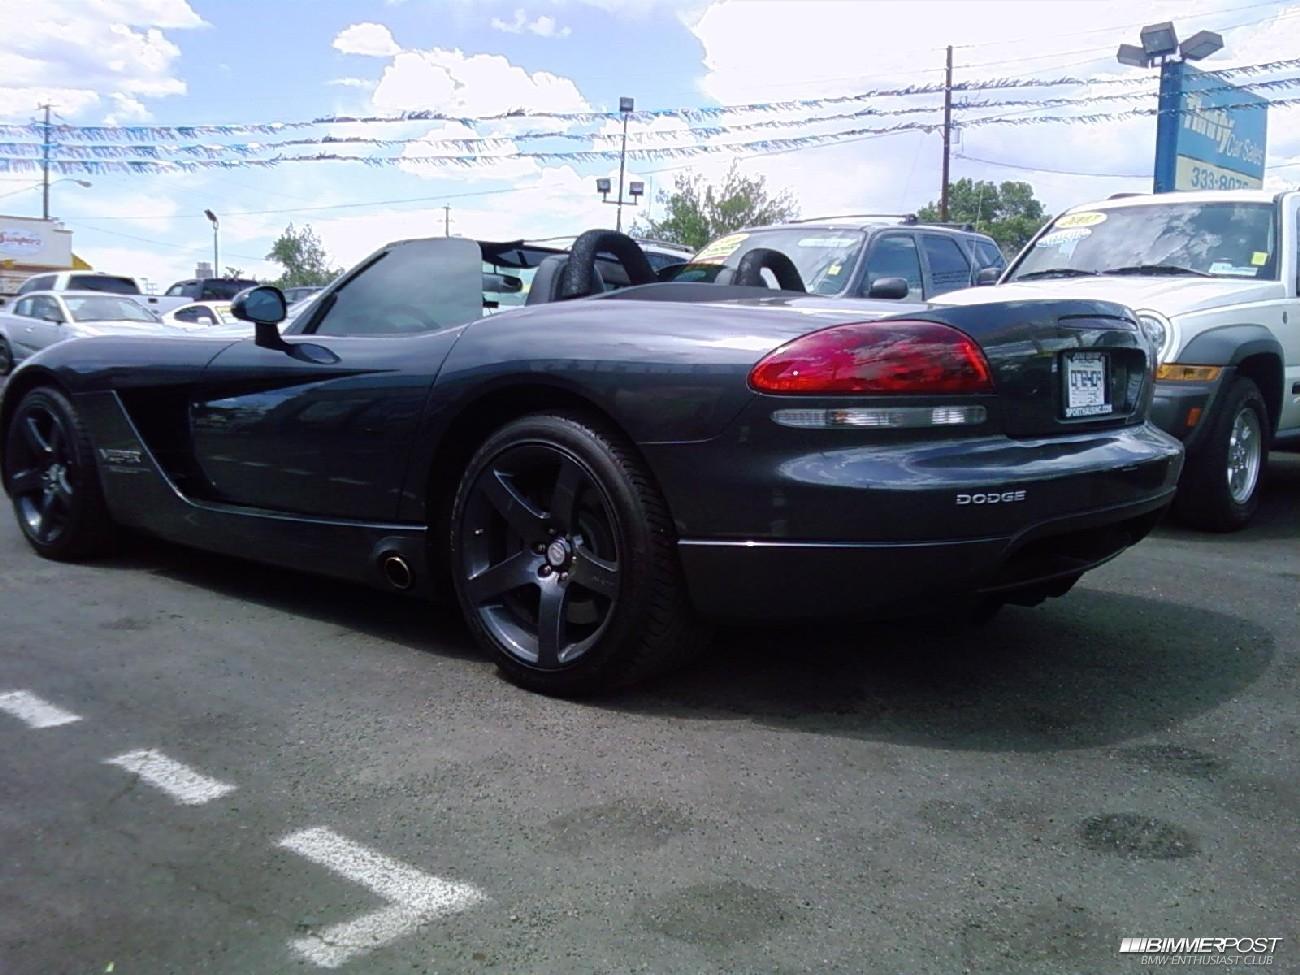 Blazed S 2006 Dodge Viper Srt 10 Roadster Snakeskin